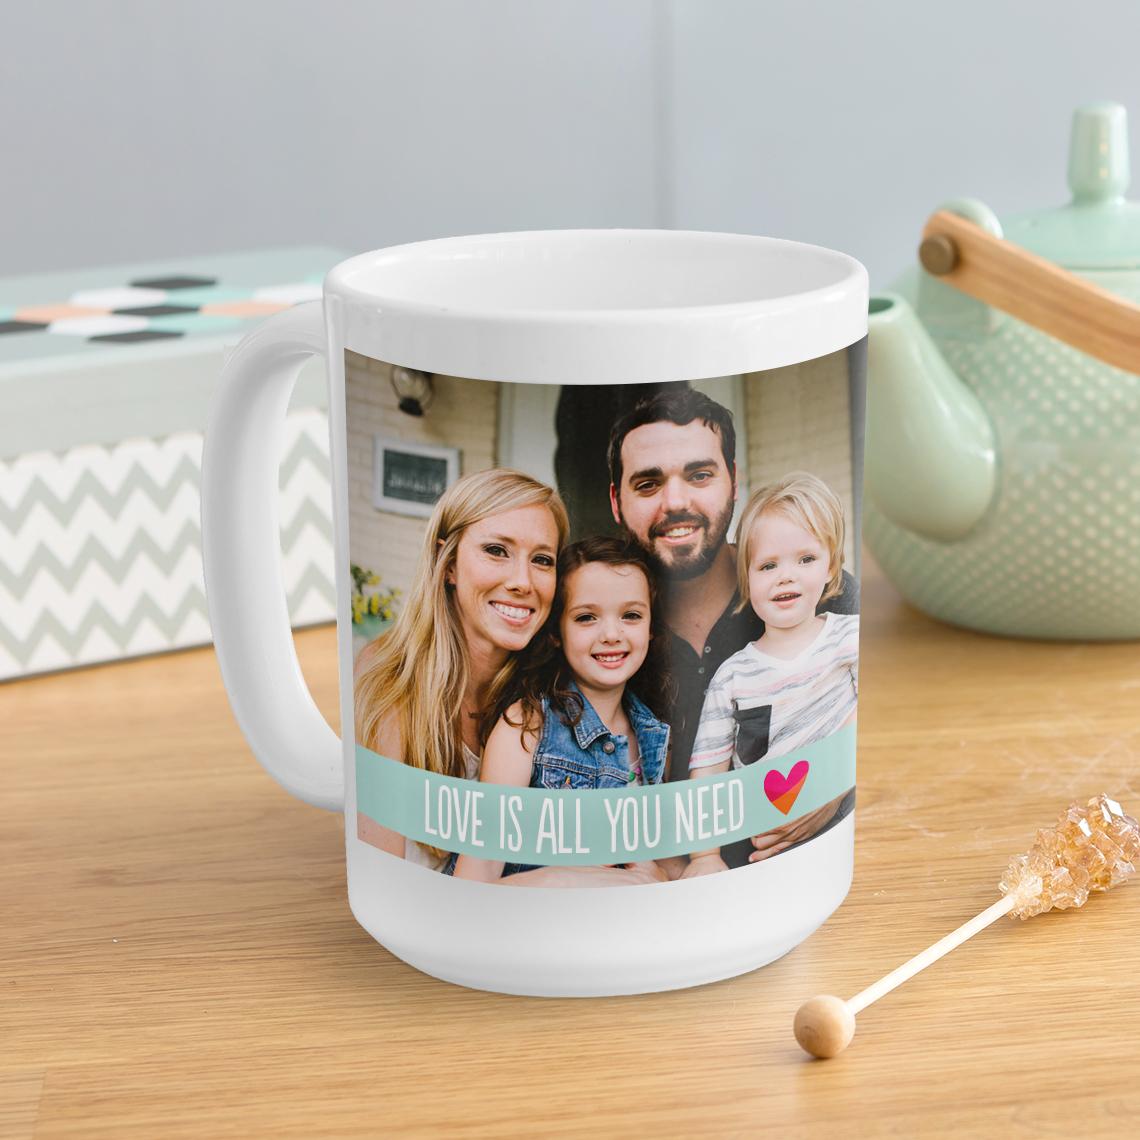 Personalized mugs cheap uk - Large Coffee Mug 15oz